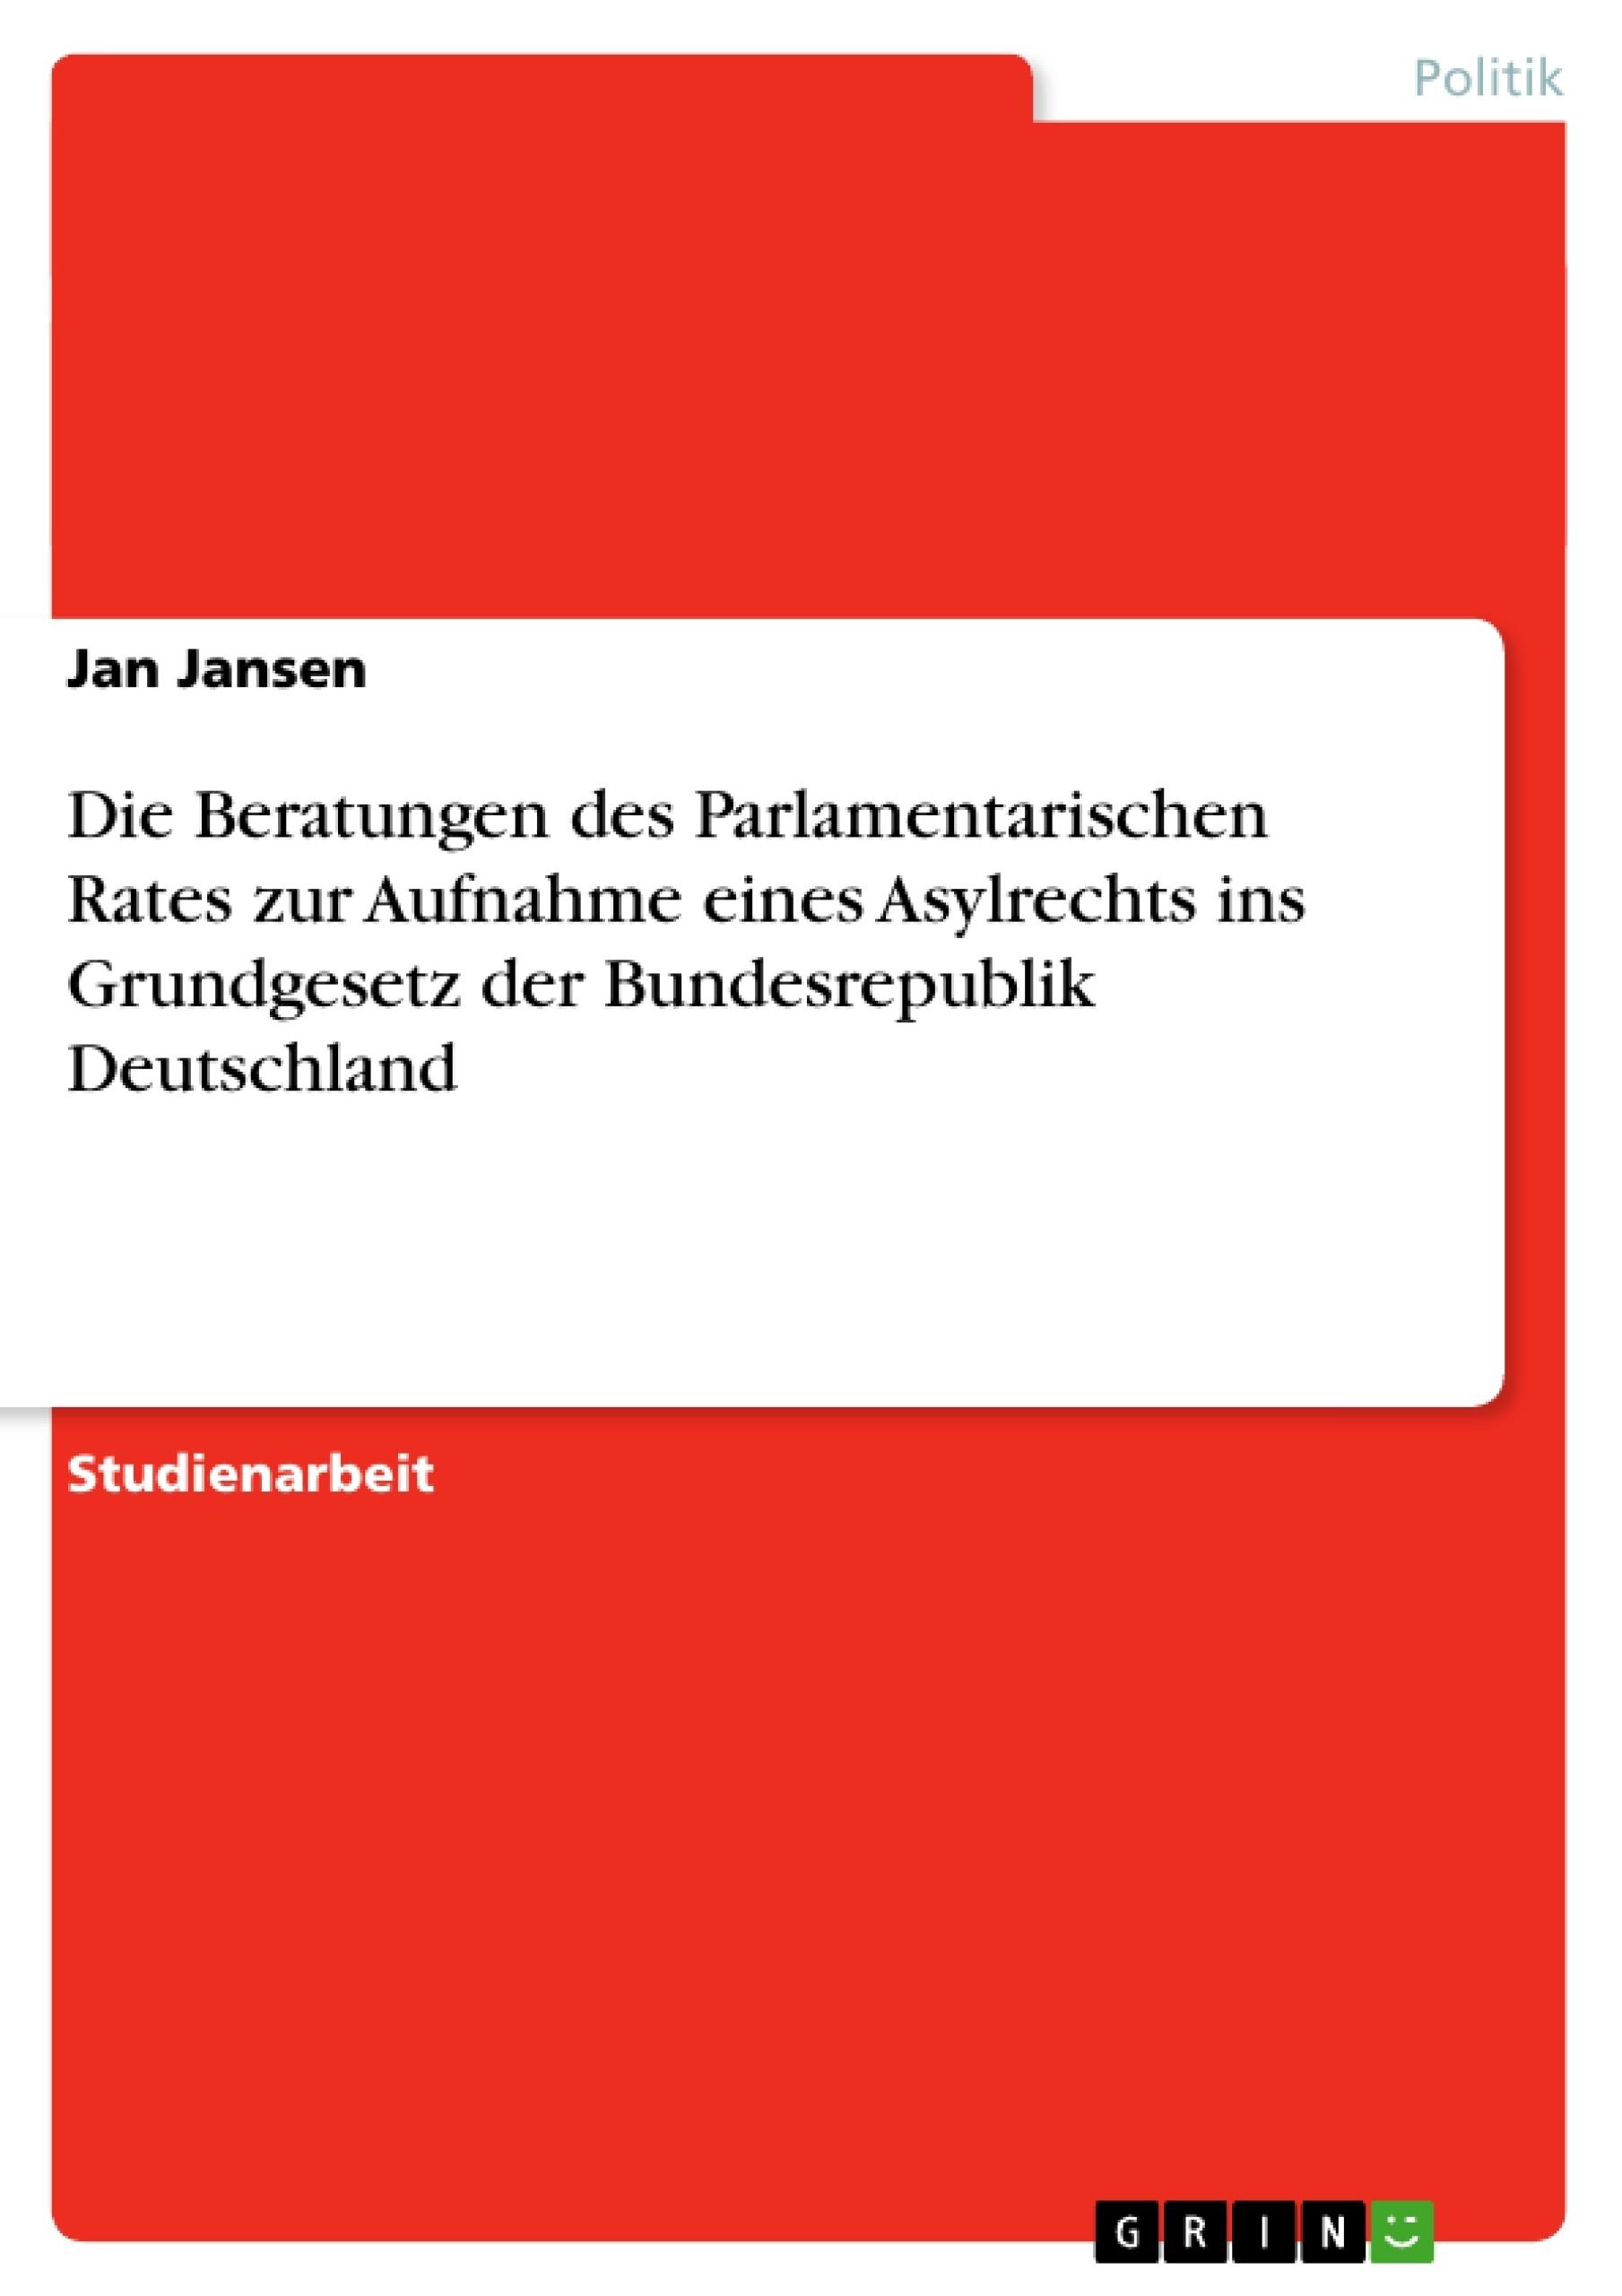 Titel: Die Beratungen des Parlamentarischen Rates zur Aufnahme eines Asylrechts ins Grundgesetz der Bundesrepublik Deutschland